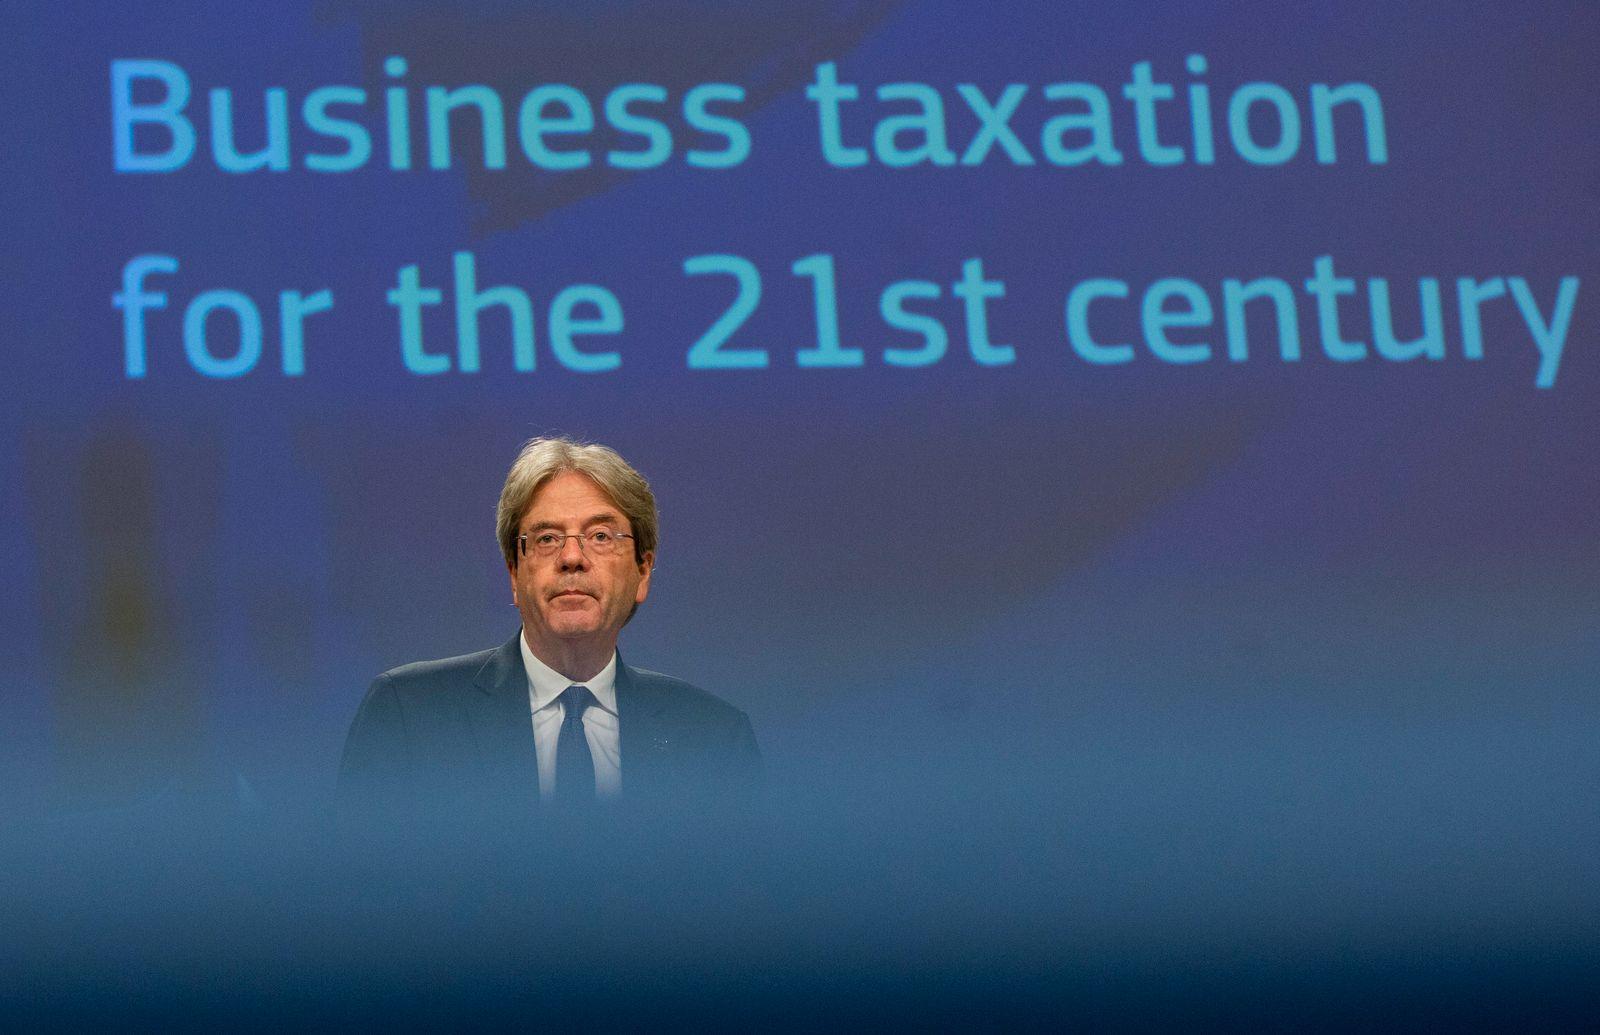 EU-Kommission zur Unternehmensbesteuerung in Brüssel